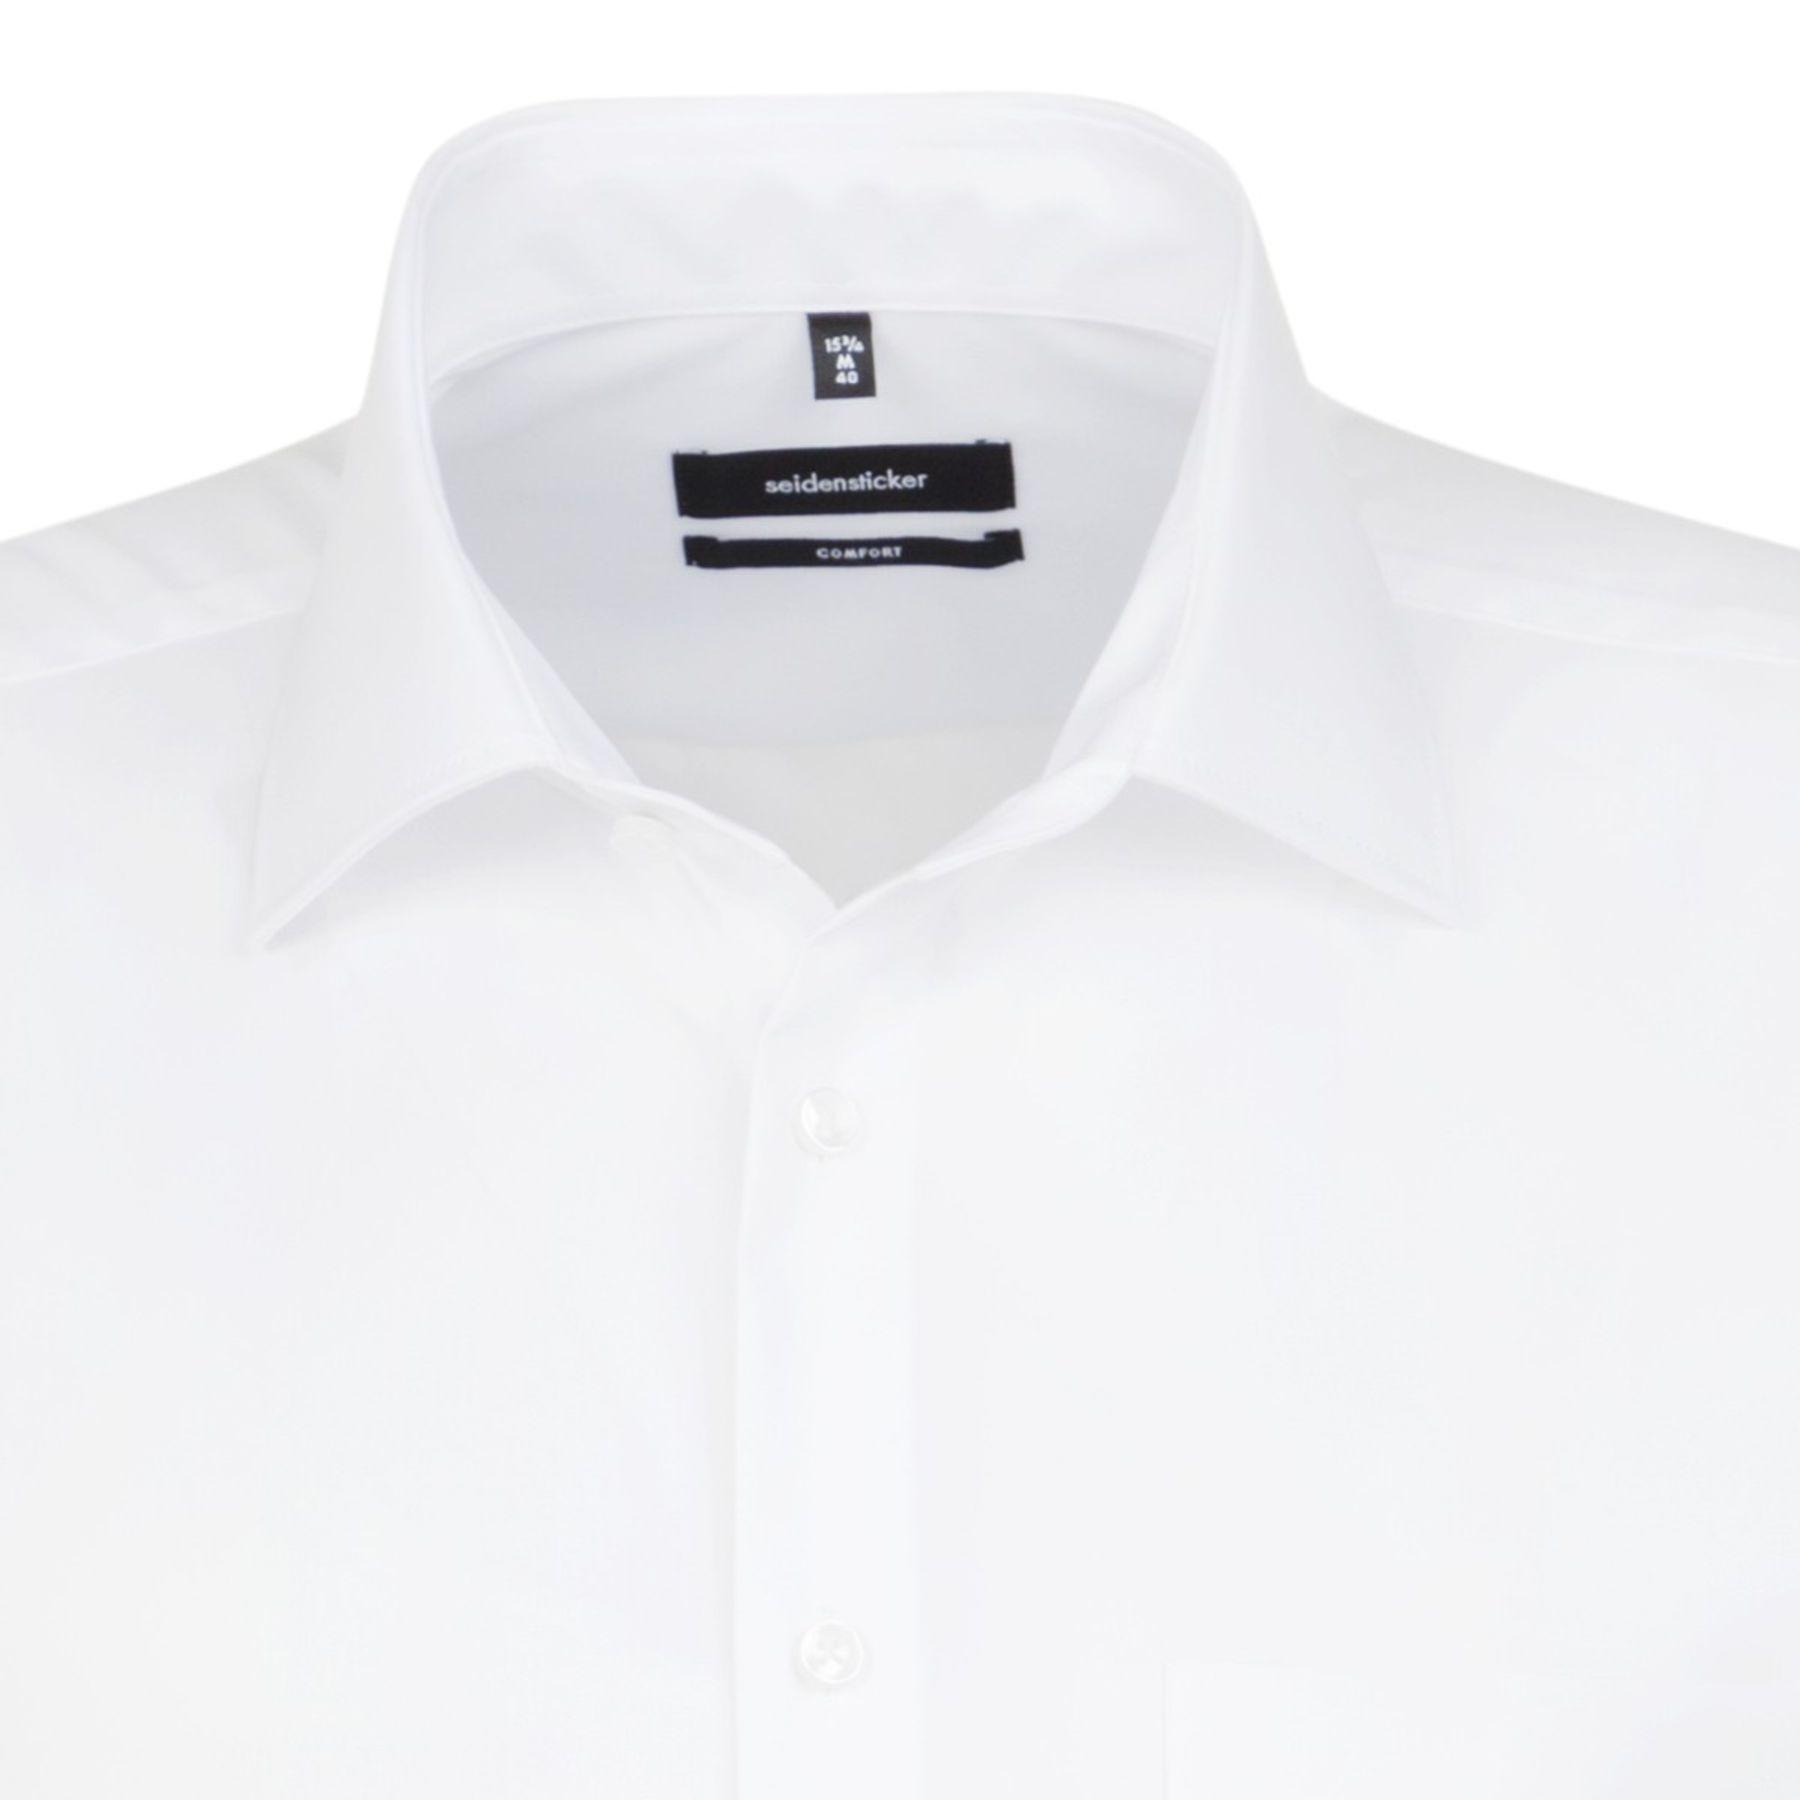 Seidensticker - Herren Hemd 1/2 Arm, Bügelfrei, Comfort, Schwarze Rose mit Kent Kragen in Weiß (01.312421) – Bild 4